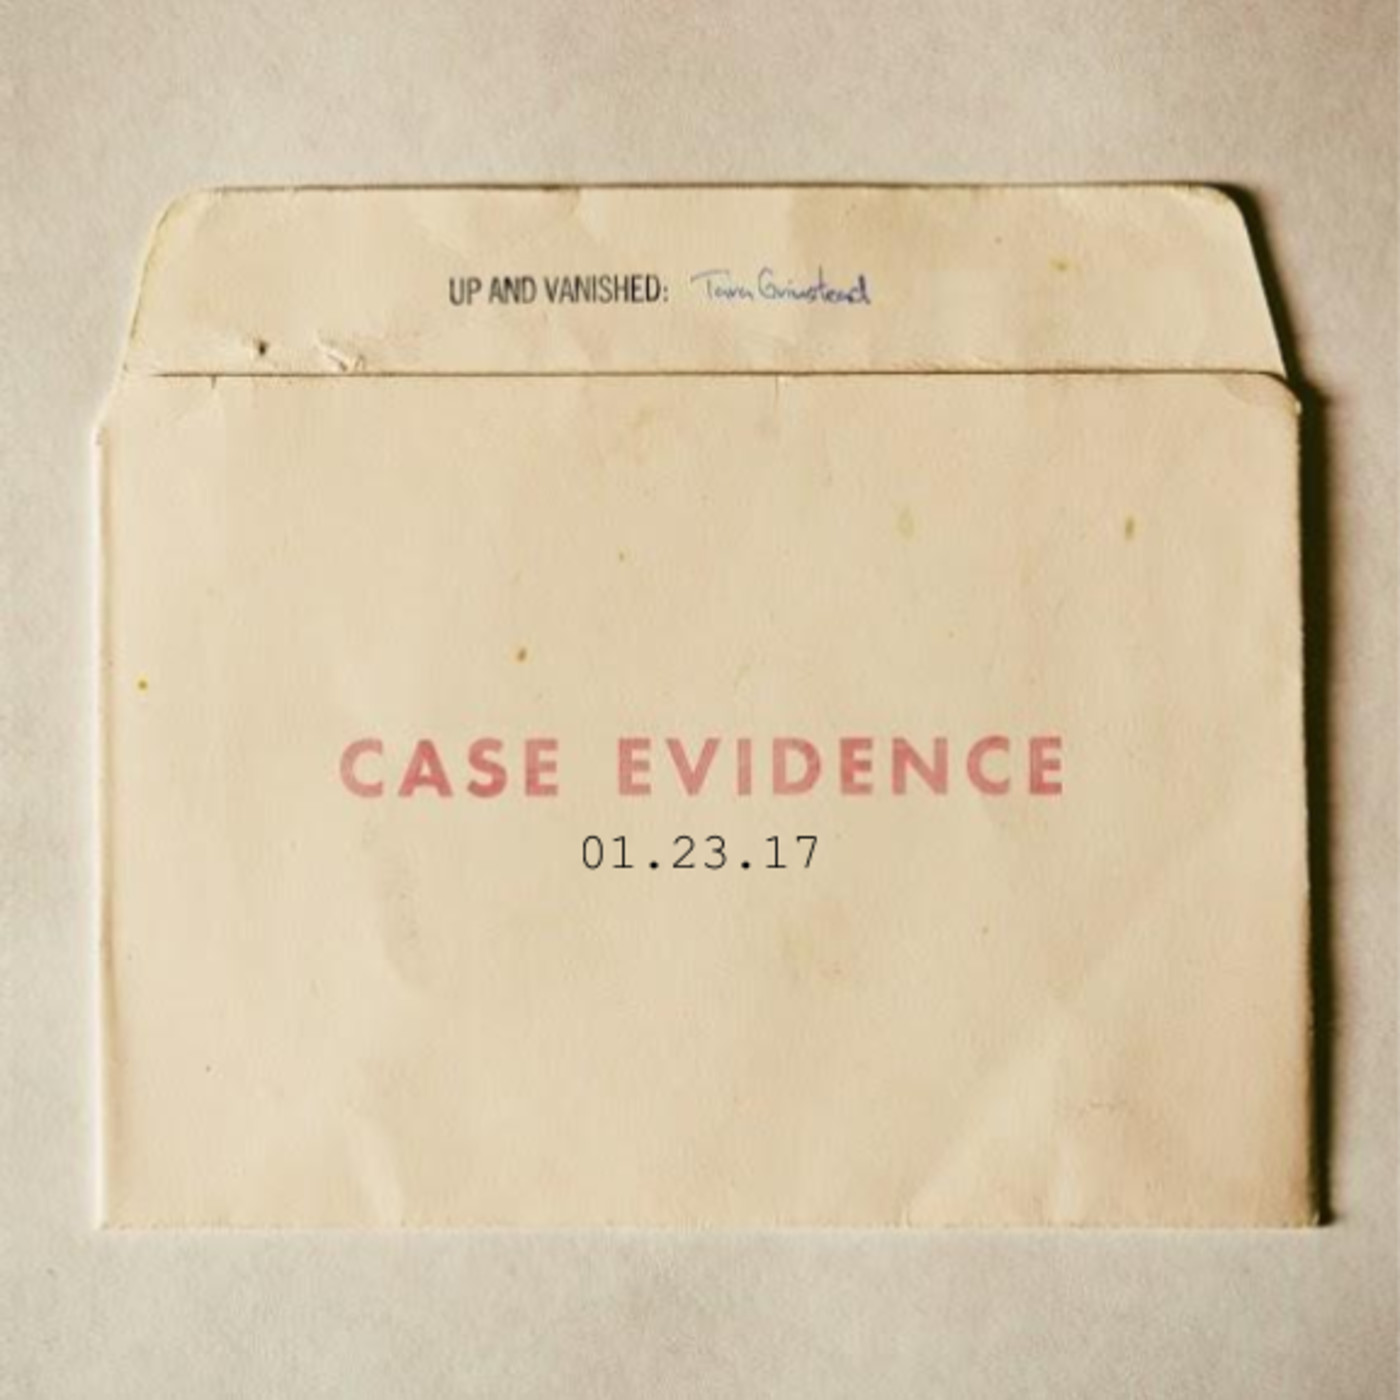 S1E : Case Evidence 01.23.17